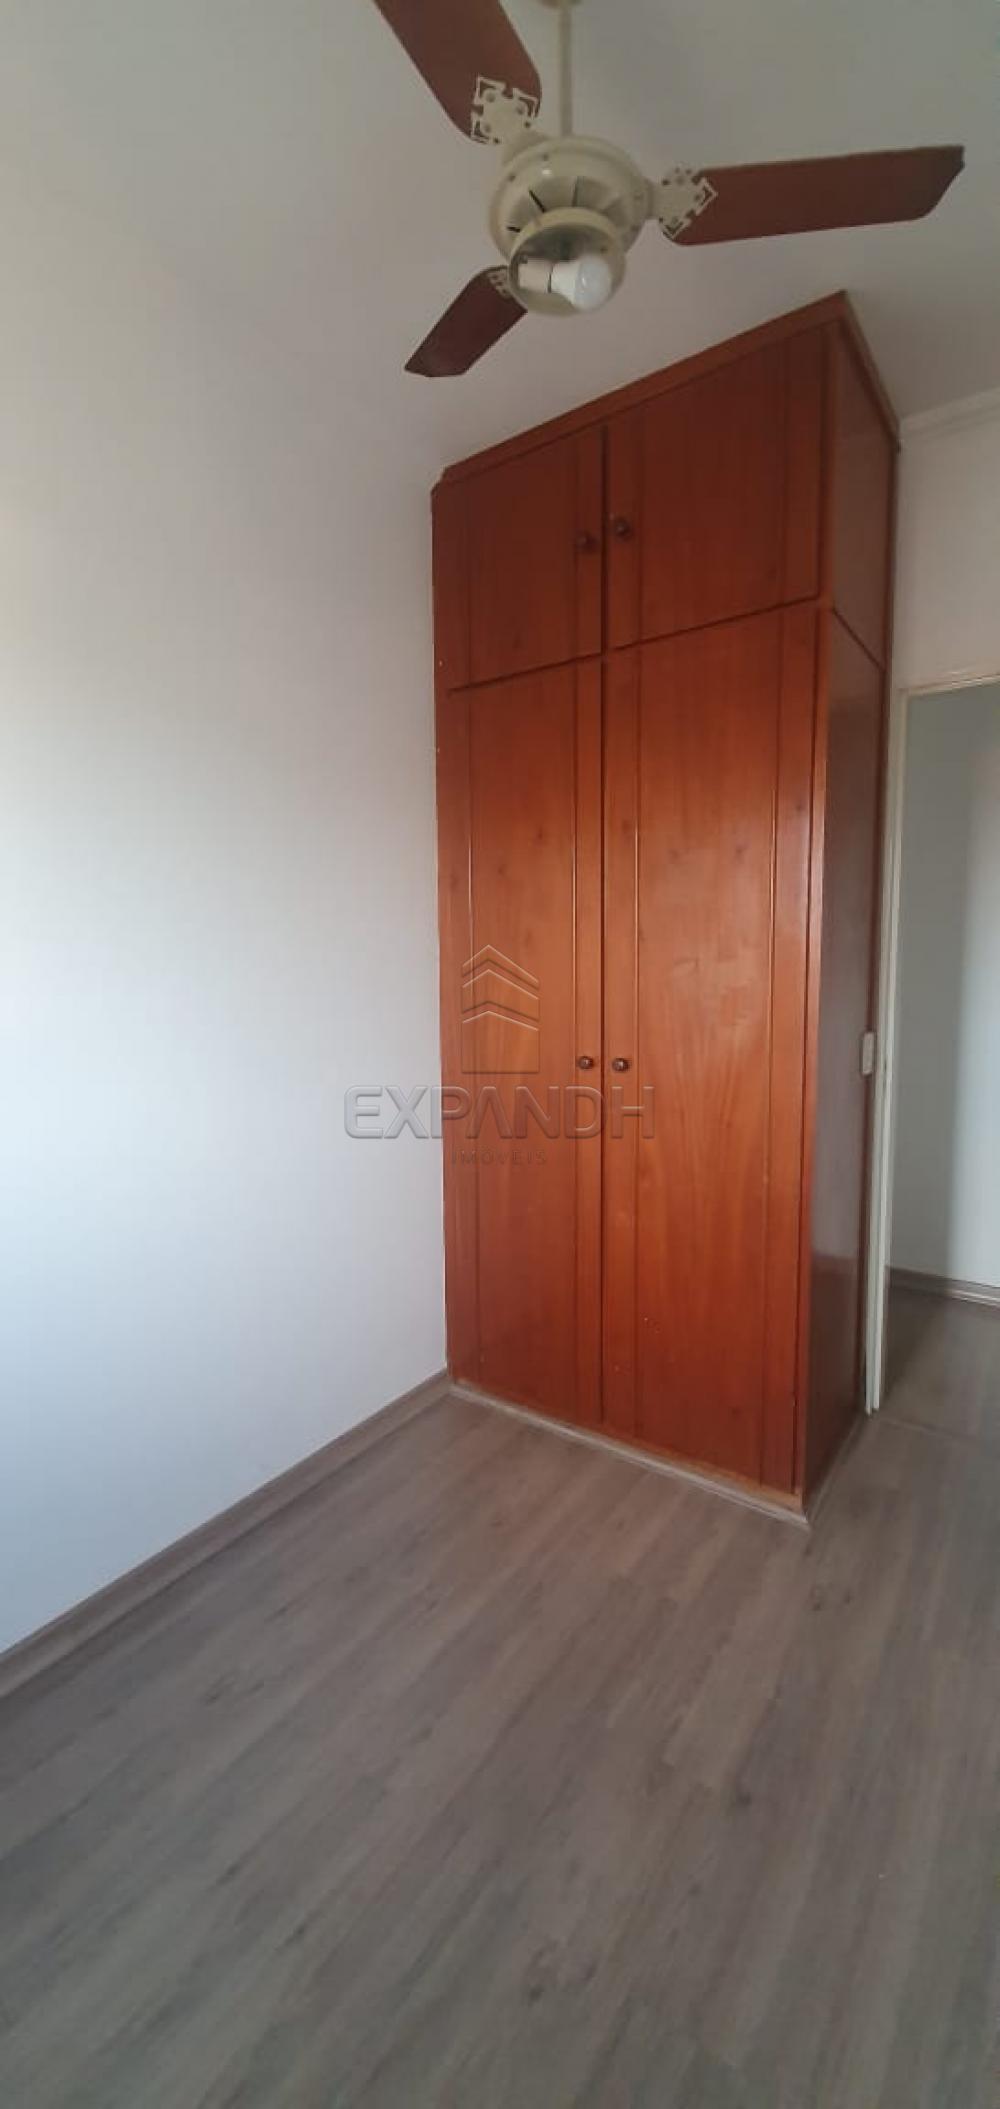 Alugar Apartamentos / Padrão em Sertãozinho apenas R$ 1.100,00 - Foto 7